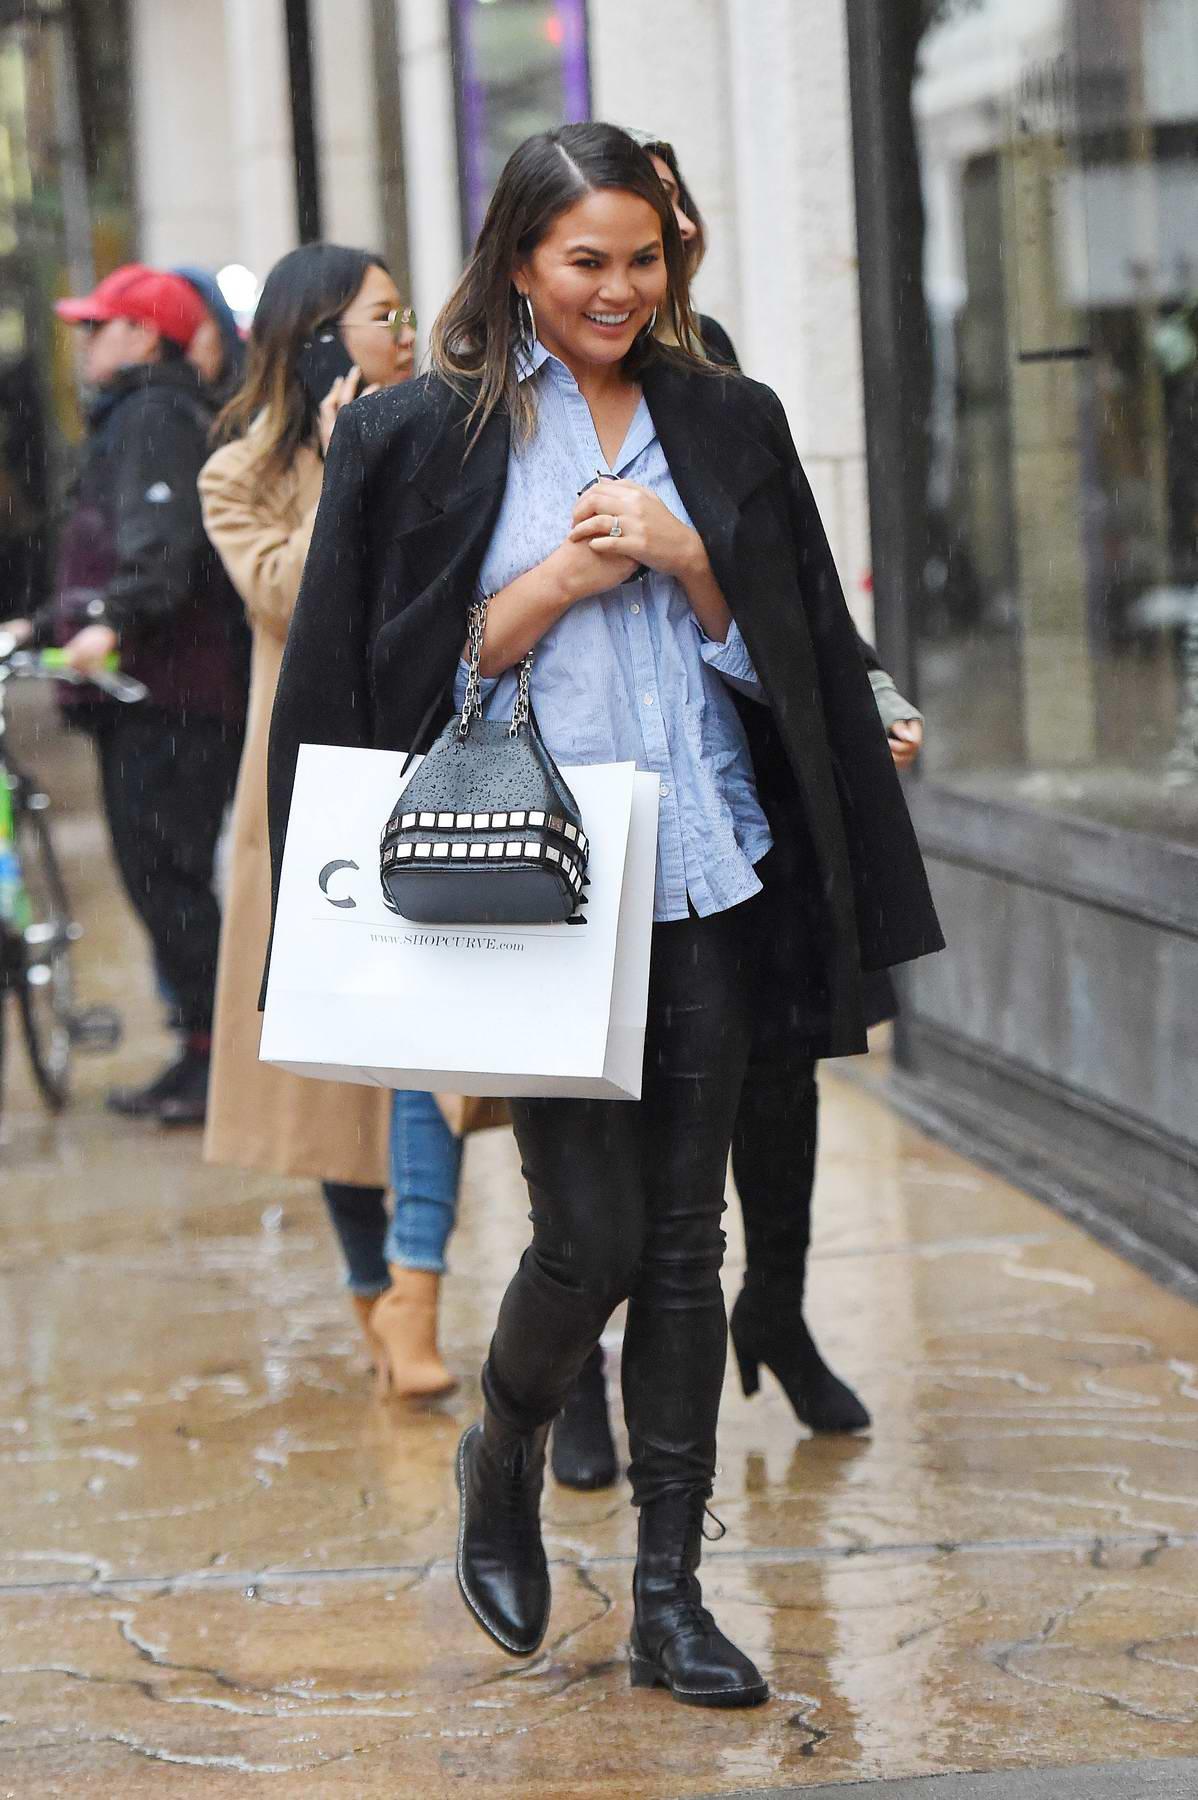 Chrissy Teigen out for shopping in SoHo, New York City